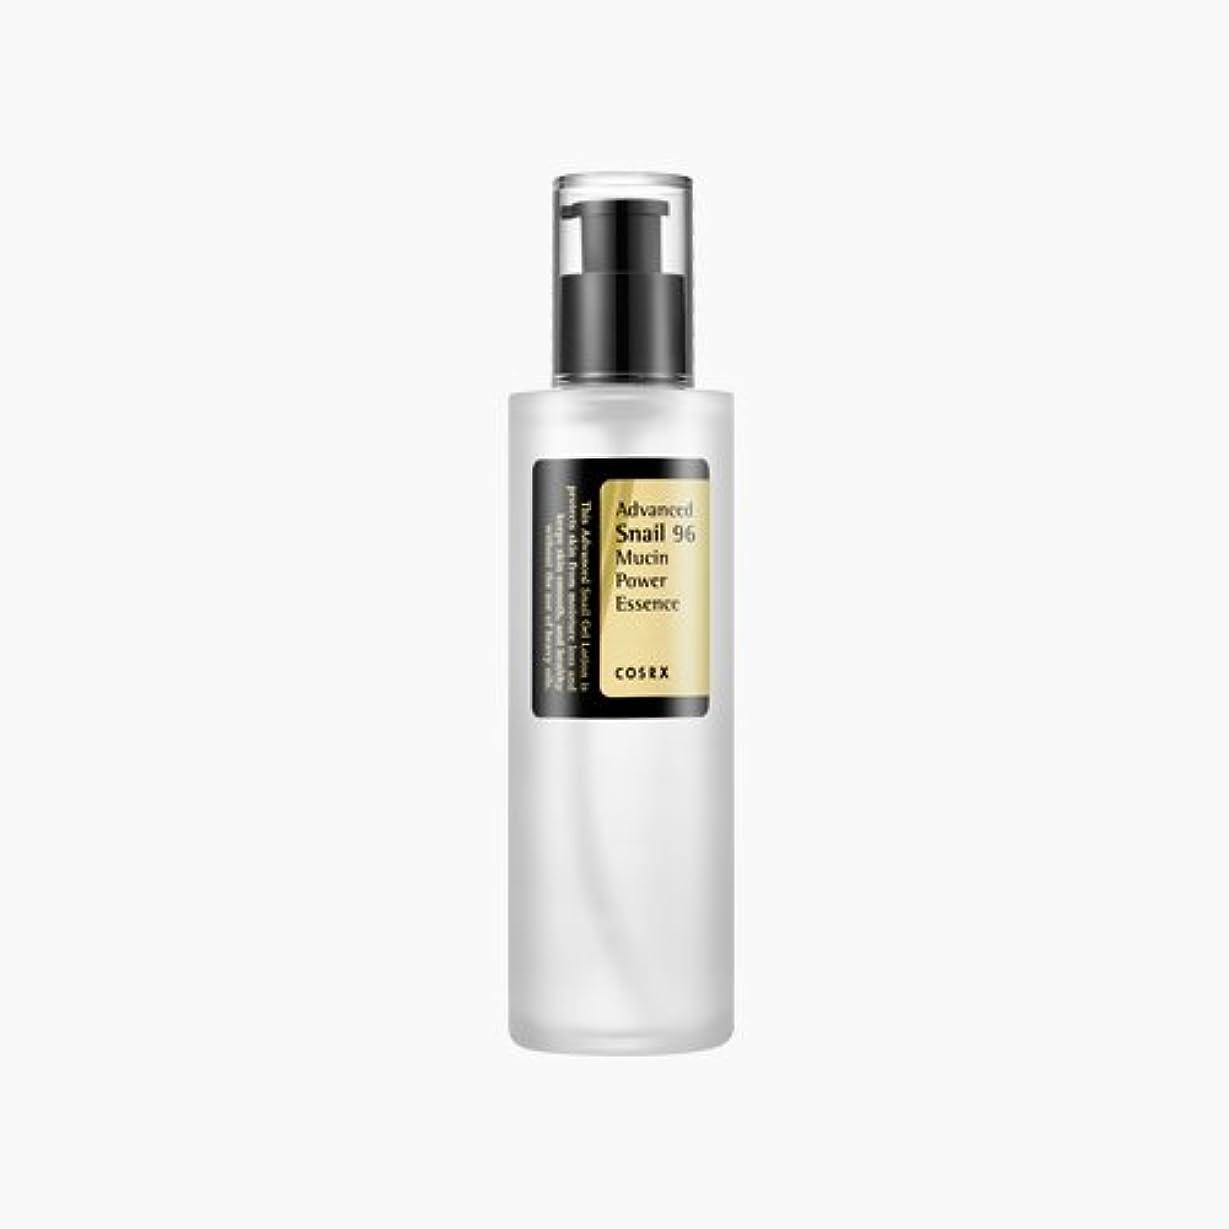 招待従う着替える[Cosrx] Advanced Snail 96 Mucin Power Essence 100ml/K-Beauty/Korea Cosmetics